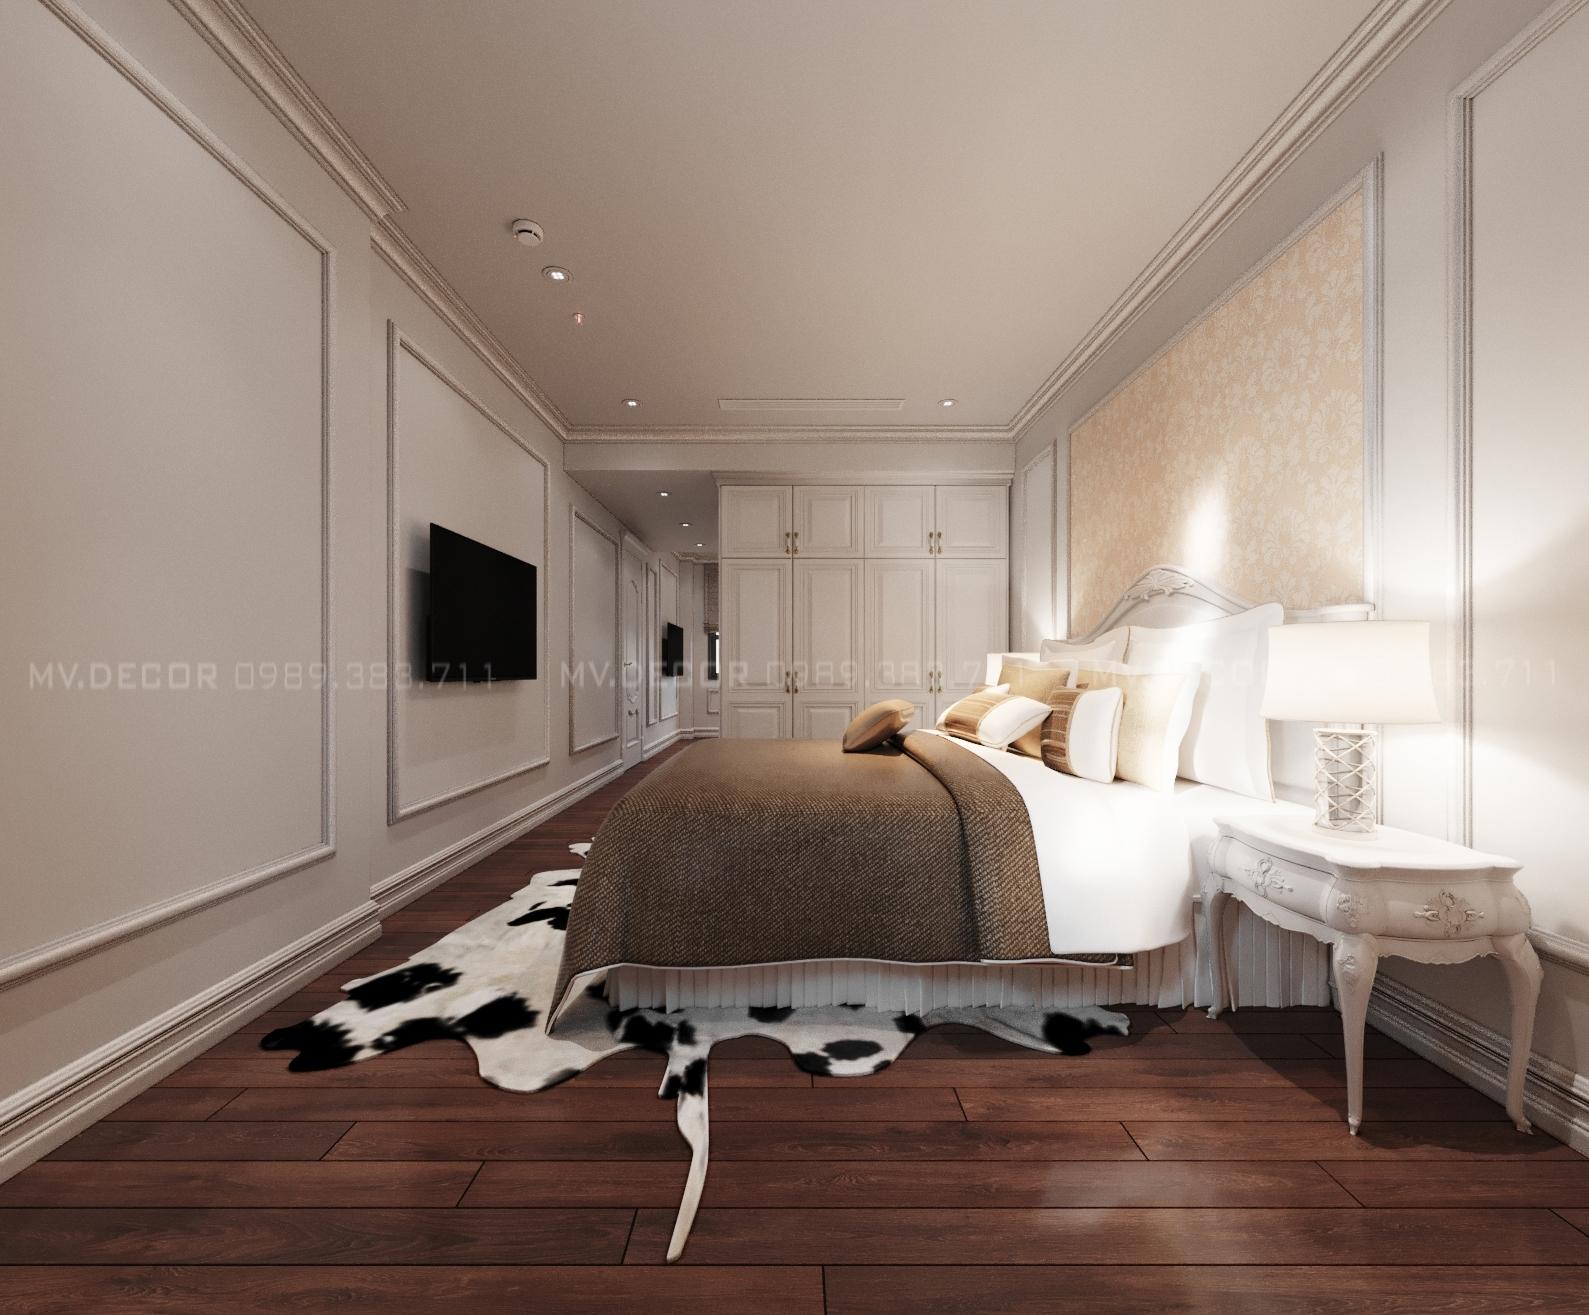 thiết kế nội thất Biệt Thự tại Hải Phòng BT VENICE 6-26 11 1564932015